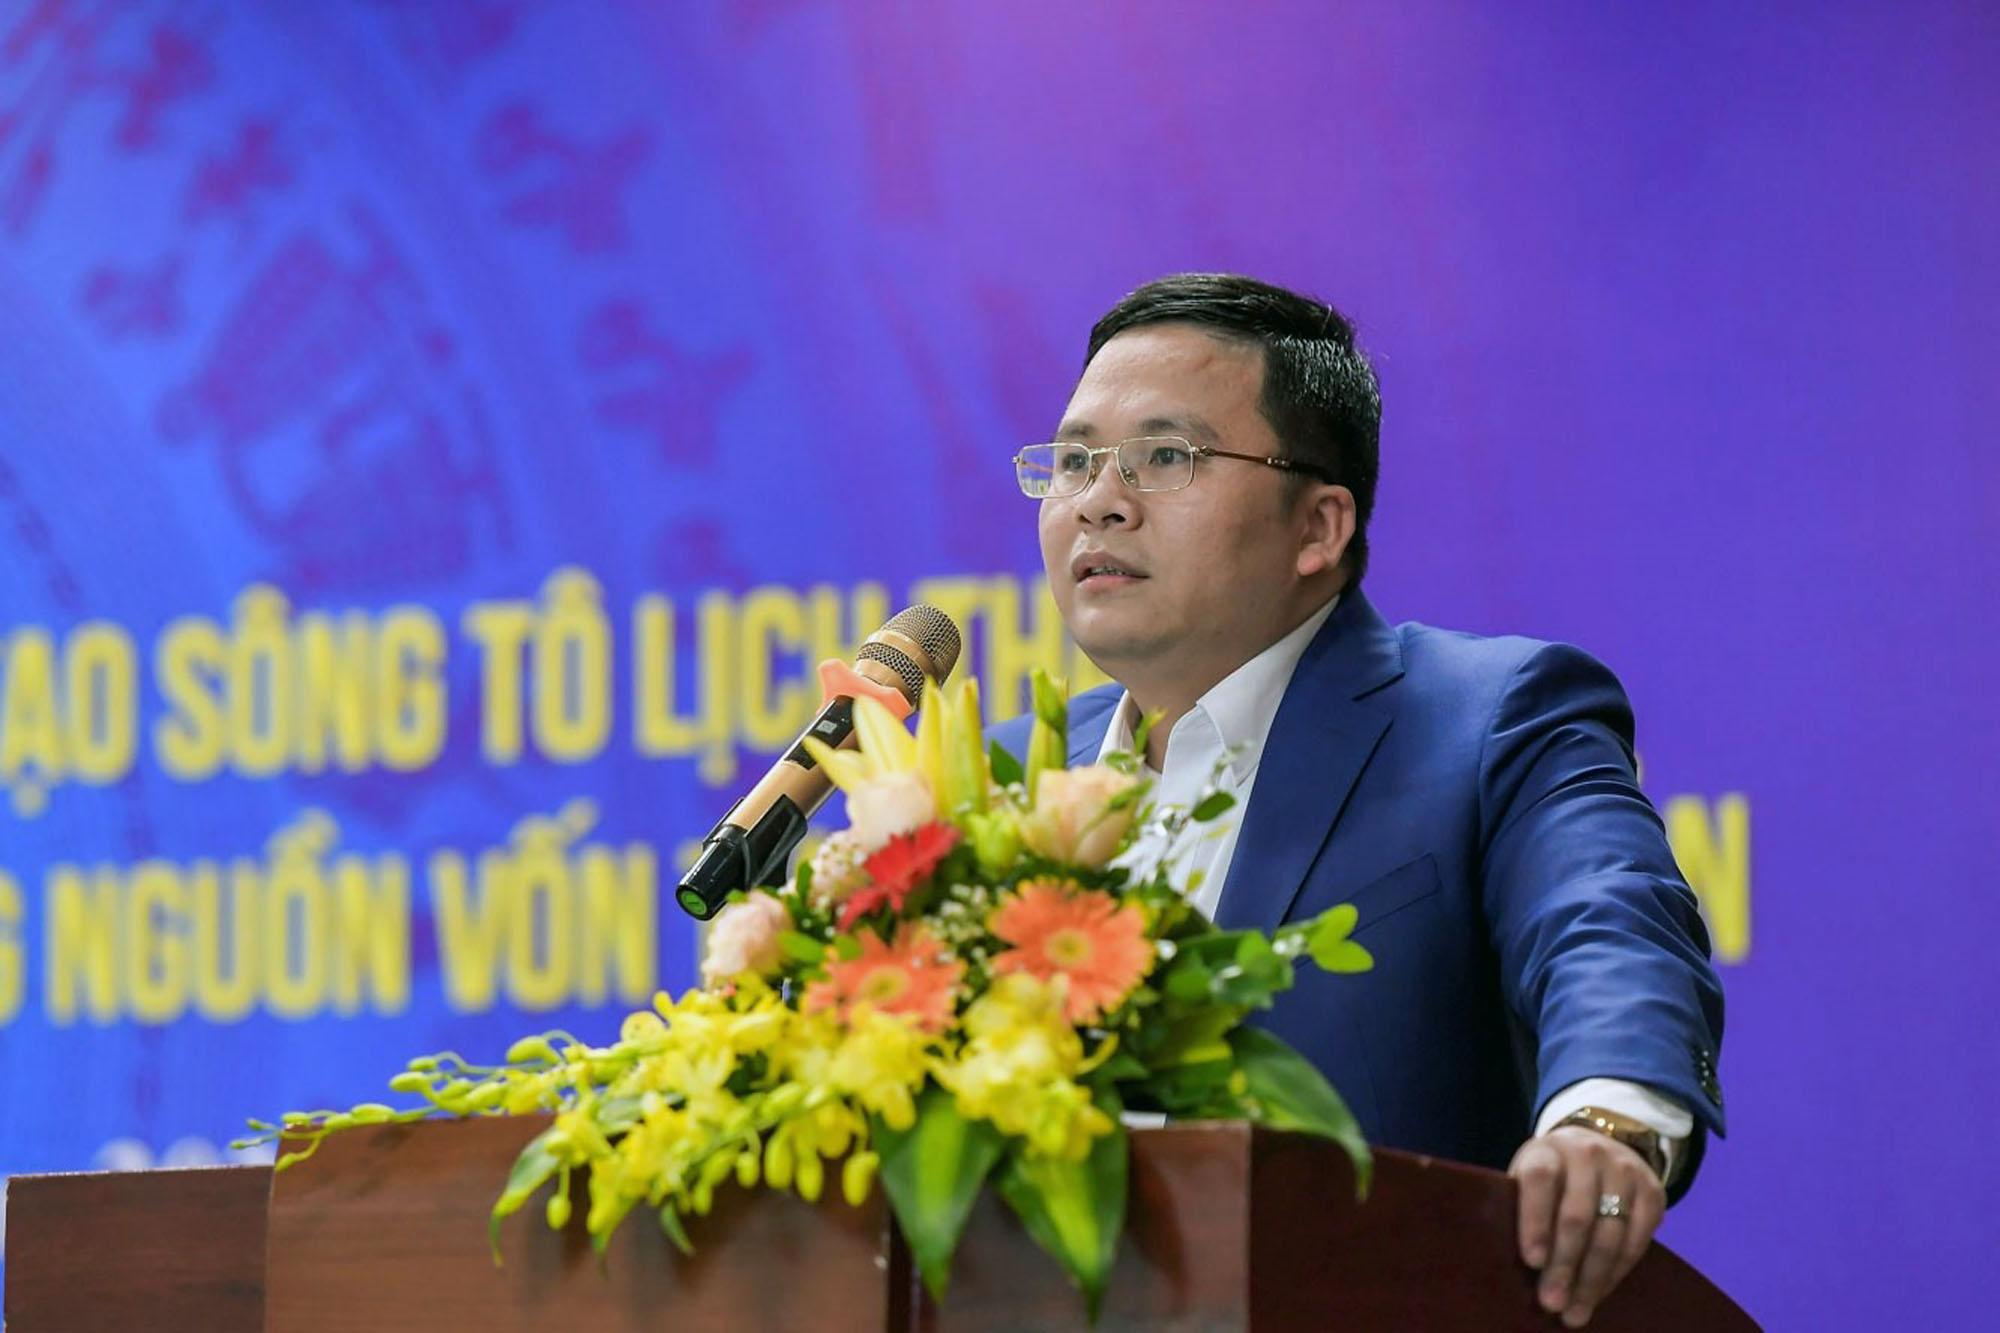 JVE đề xuất xử lí miễn phí mùi của bãi rác Nam Sơn bằng công nghệ Nhật Bản - Ảnh 1.